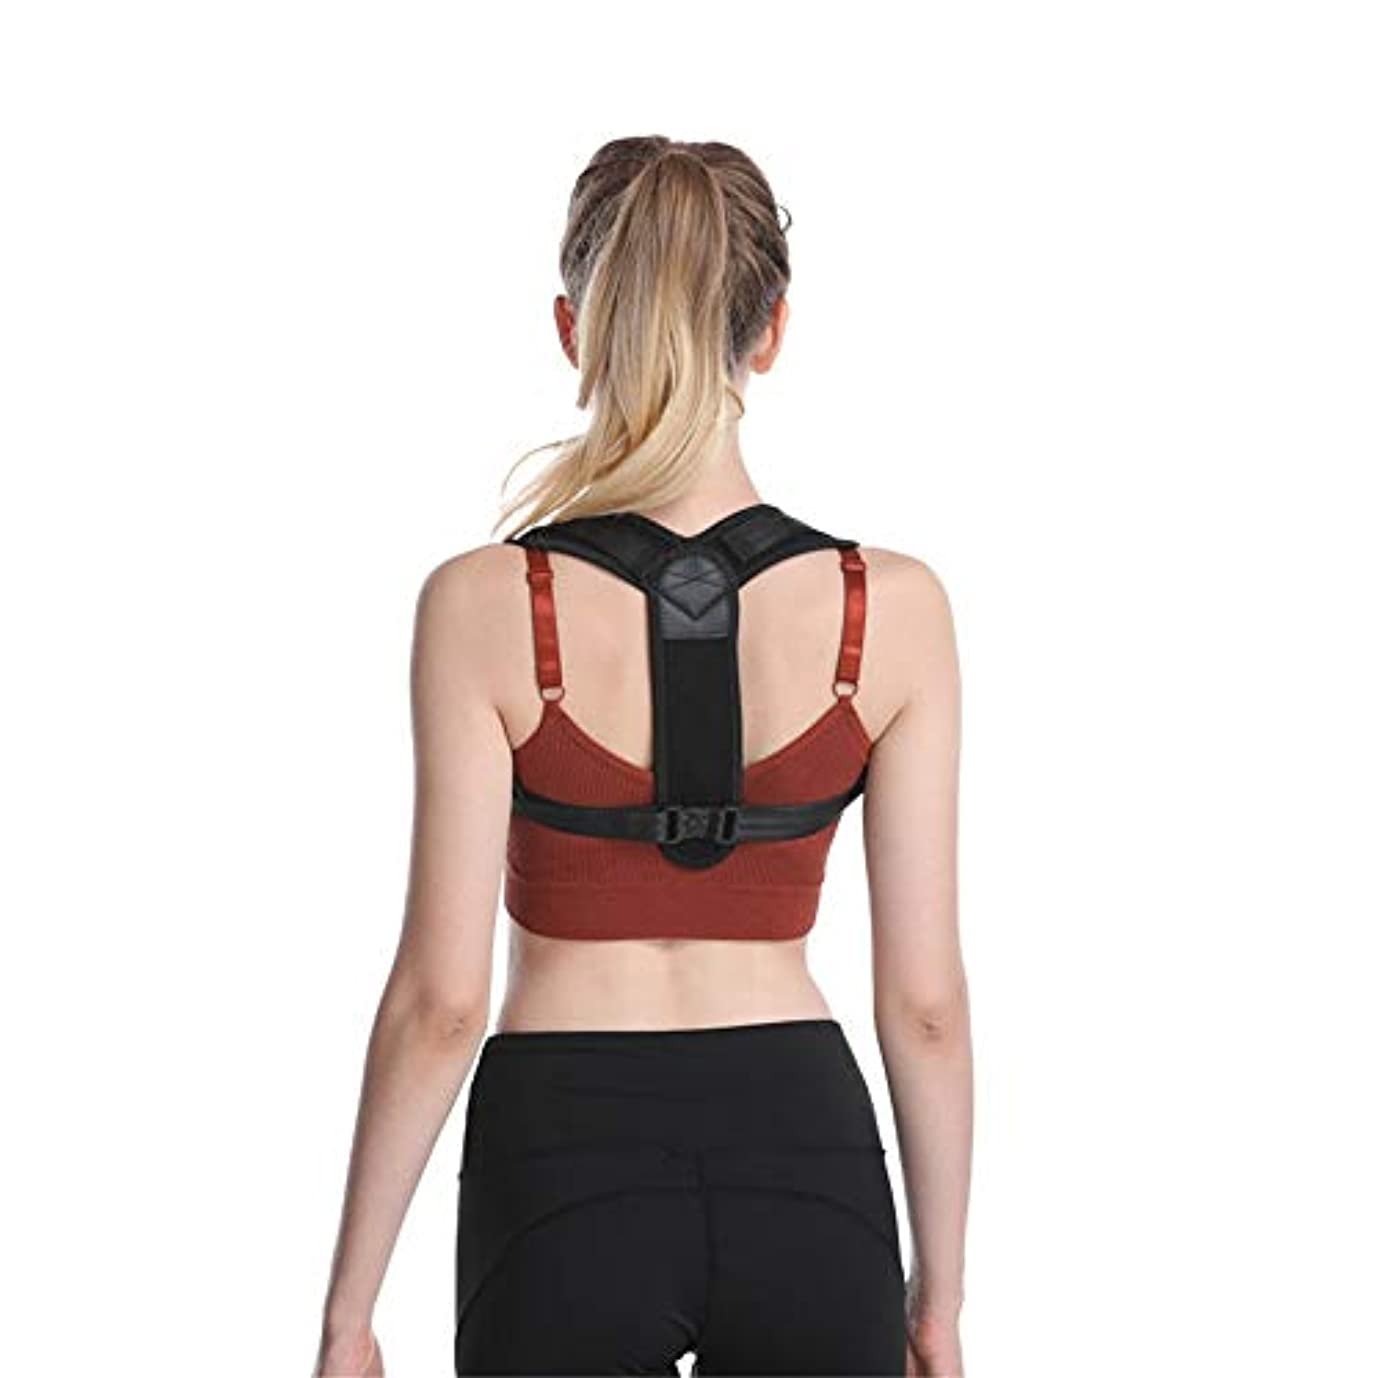 女性の男性のためのDAKIK姿勢補正 - 効果的で快適で調整可能な姿勢補正 - 姿勢サポート - バックブレース - Kyphosisブレース (色 : ブラック, サイズ : One size fits most)